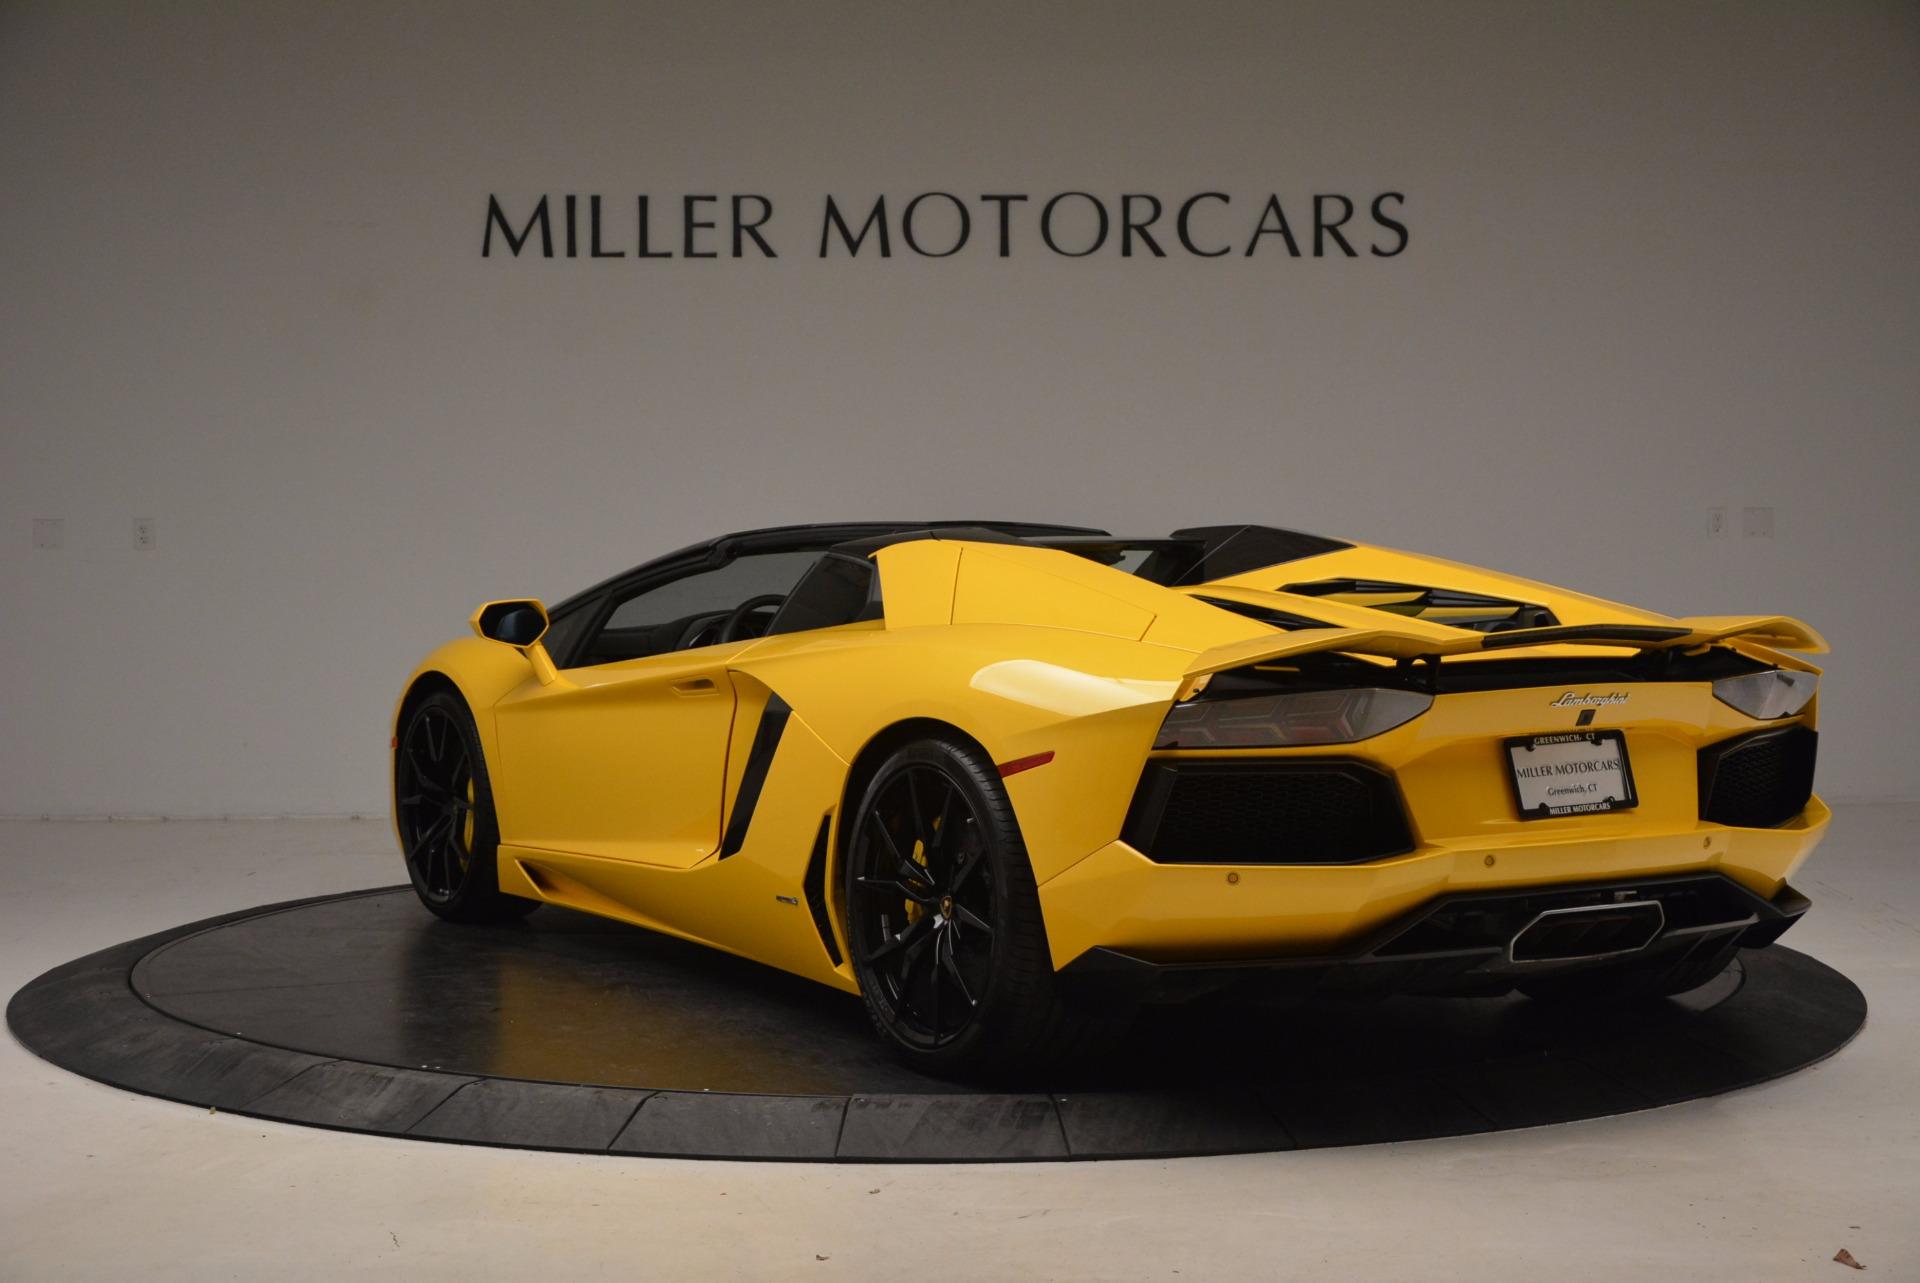 Used 2015 Lamborghini Aventador LP 700-4 Roadster For Sale In Greenwich, CT 1774_p5